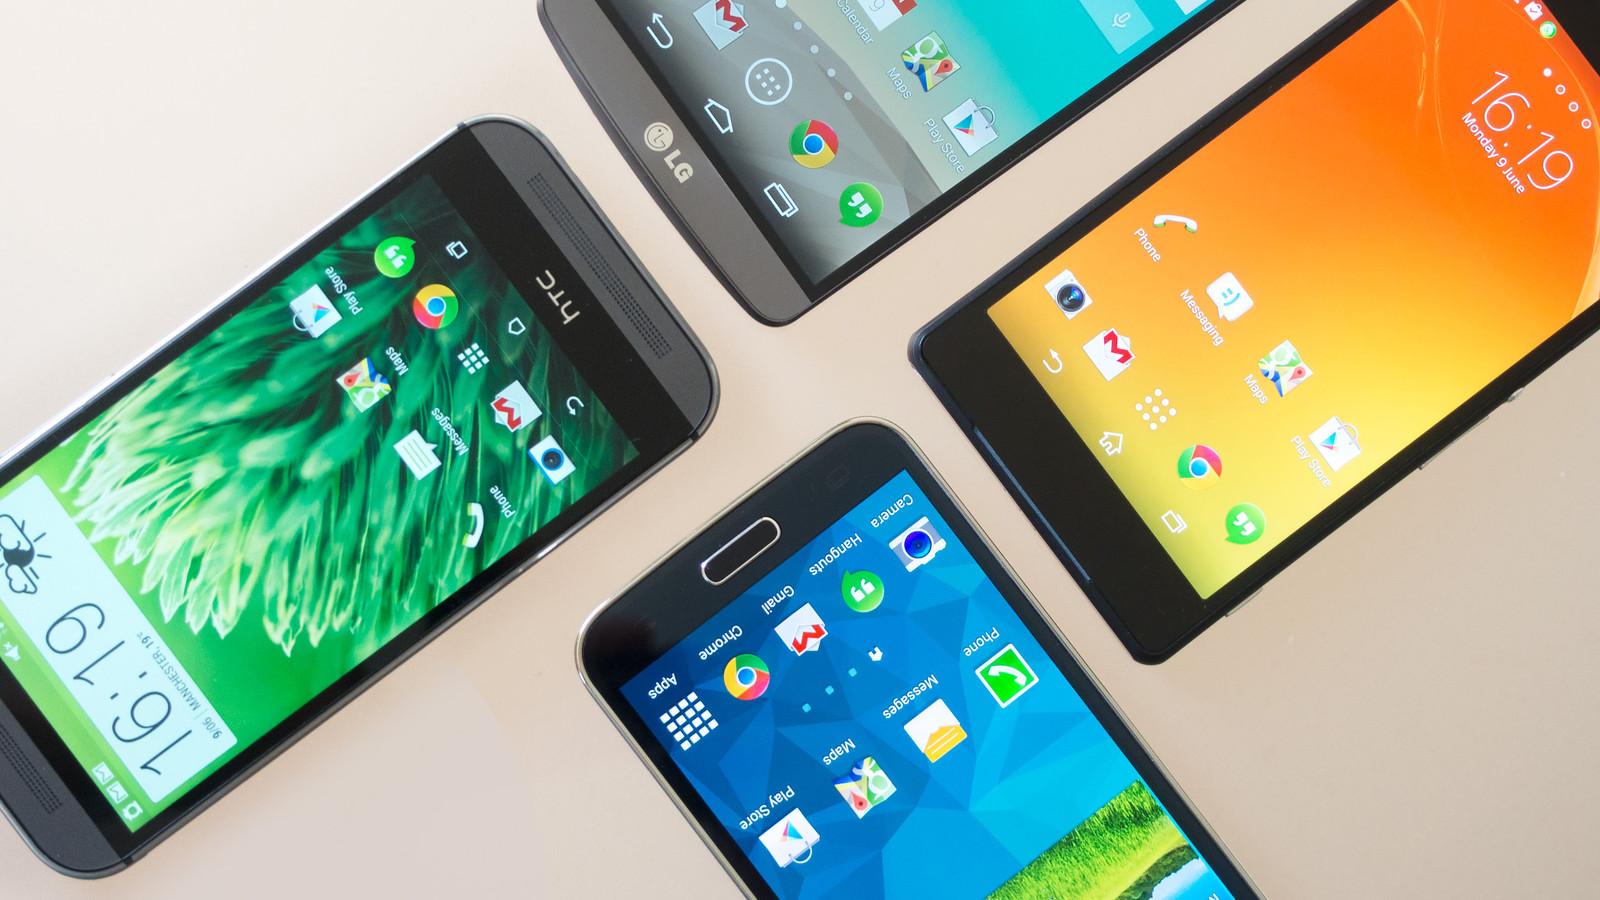 تعرف على الشركات التي تتصدر سوق الهواتف الذكية في الربع الأول 2017